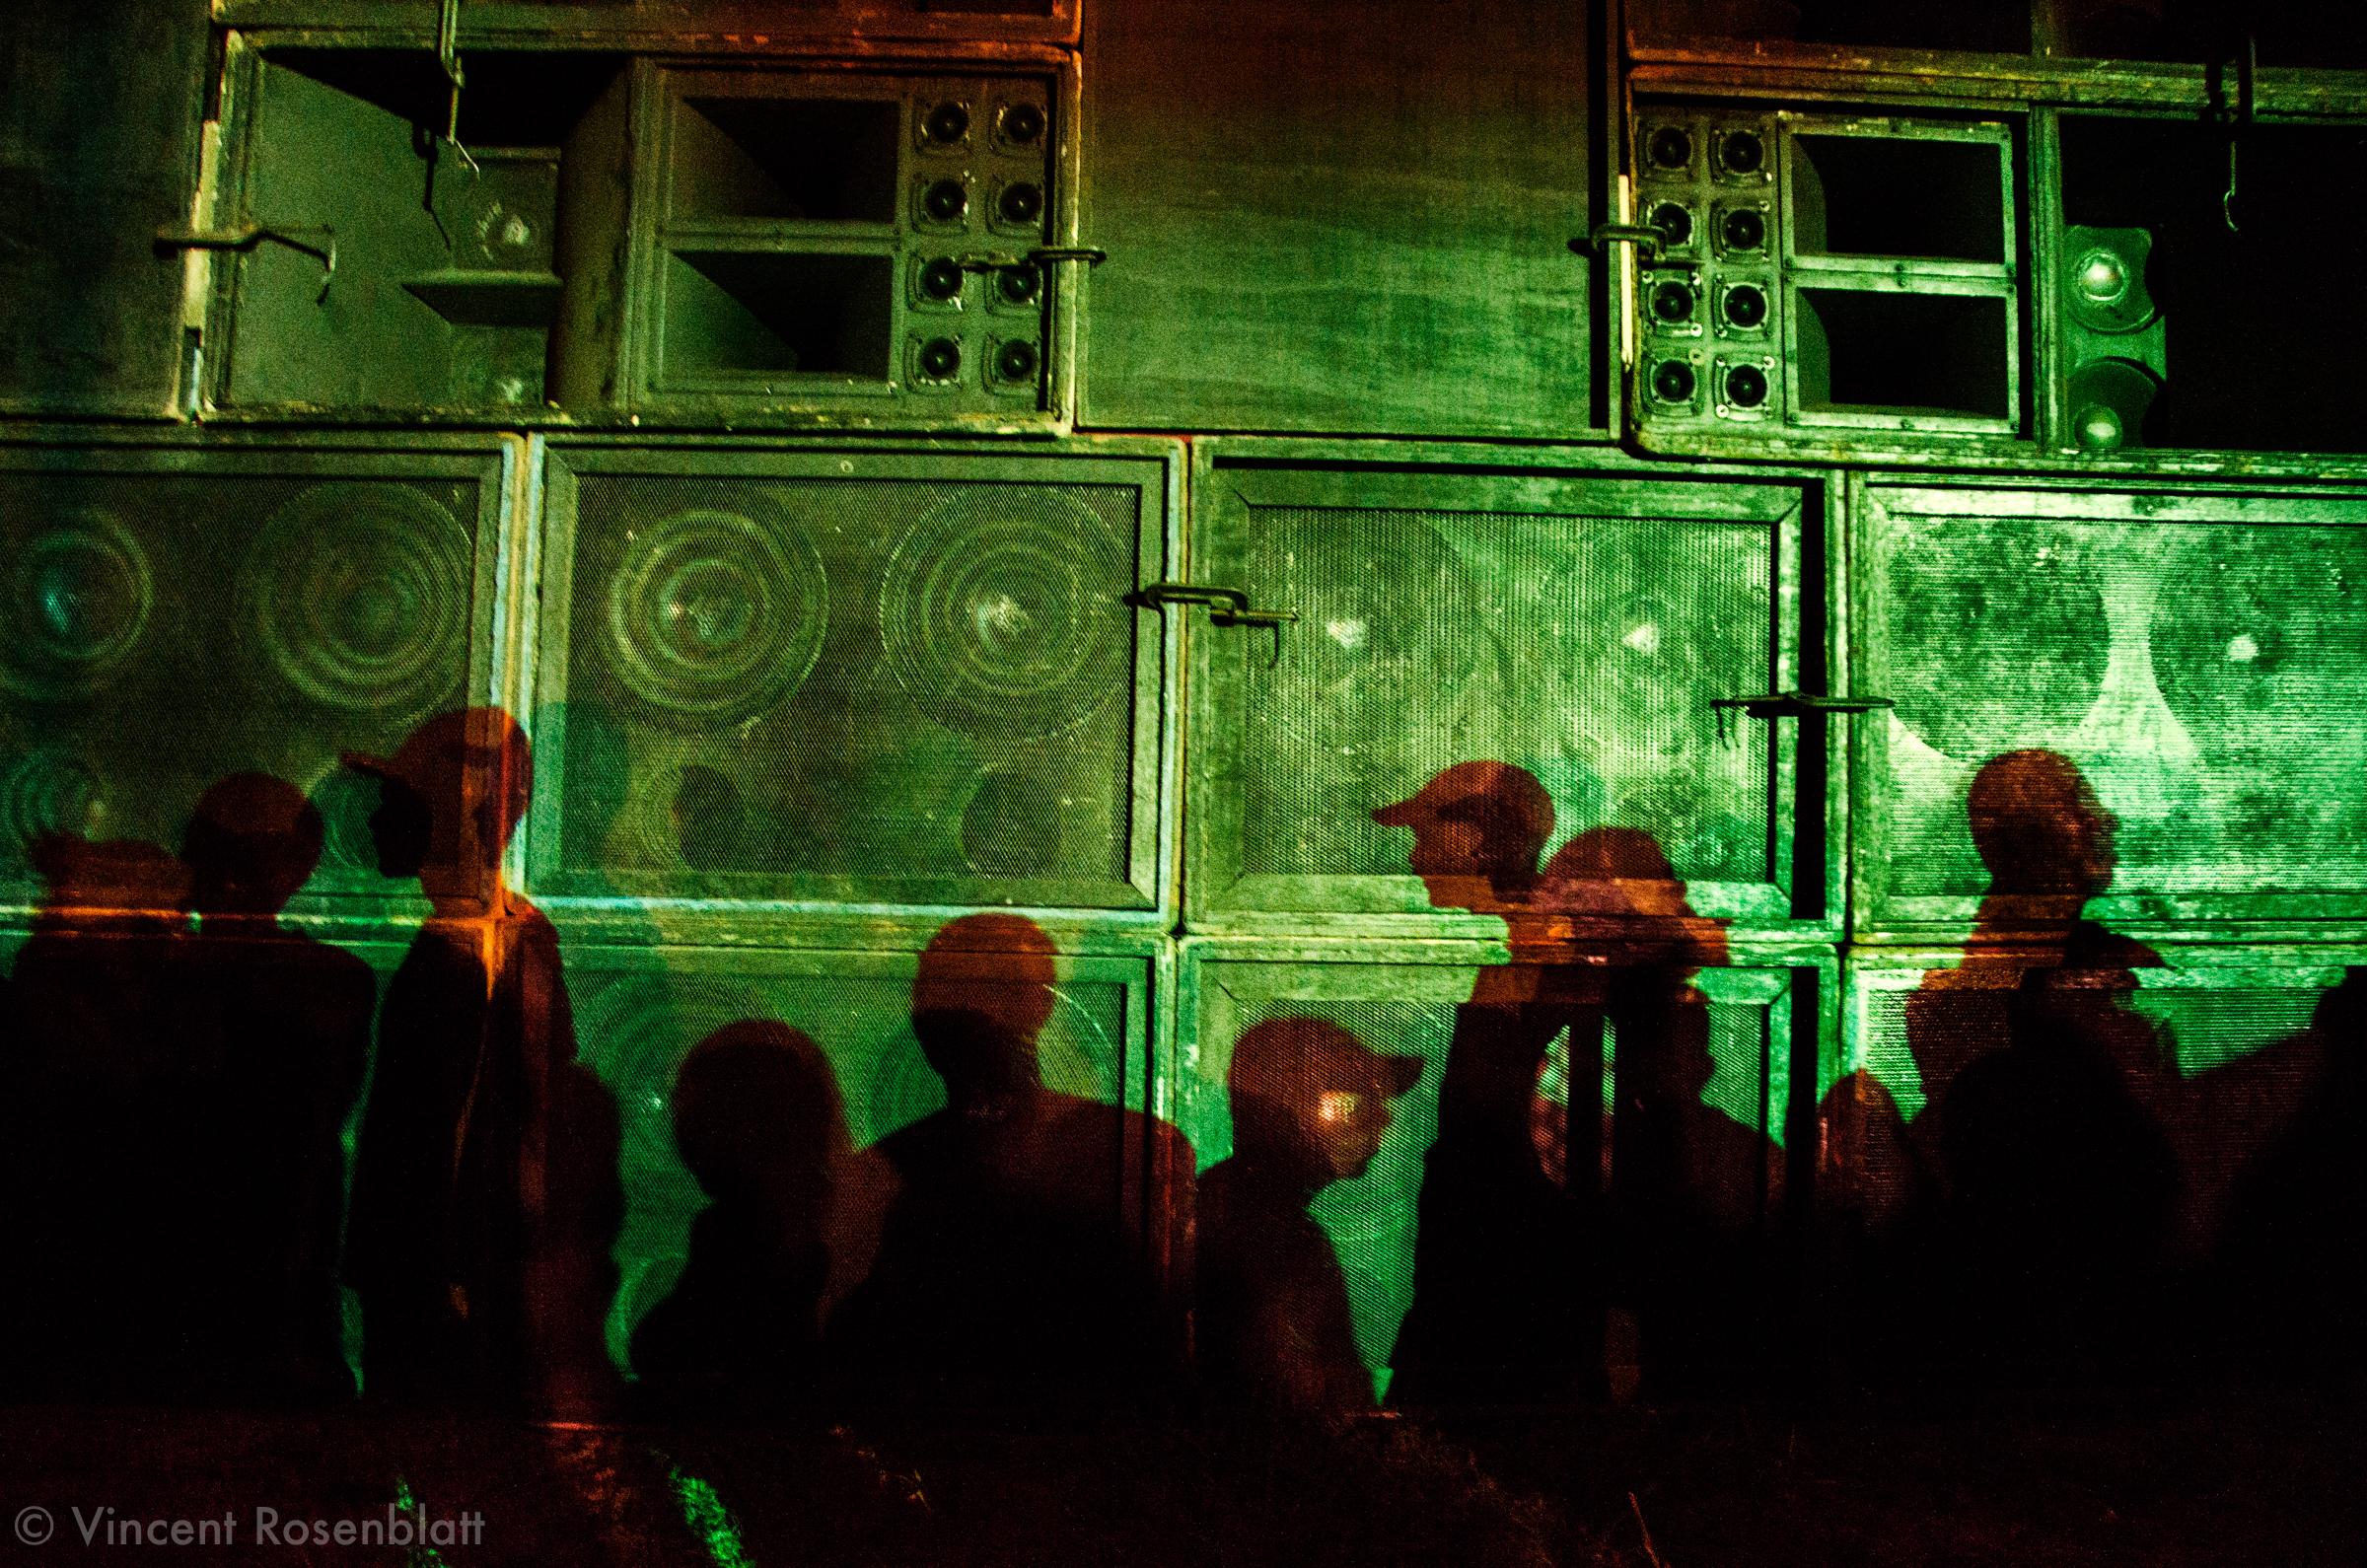 """Shadows of the """"Funkeiros"""" enjoying the Baile Funk with the Chatubão Digital soundsystem & DJ Byano performing at the Fazenda F.C club in São João do Miriti, suburb of Rio de Janeiro, 2011"""